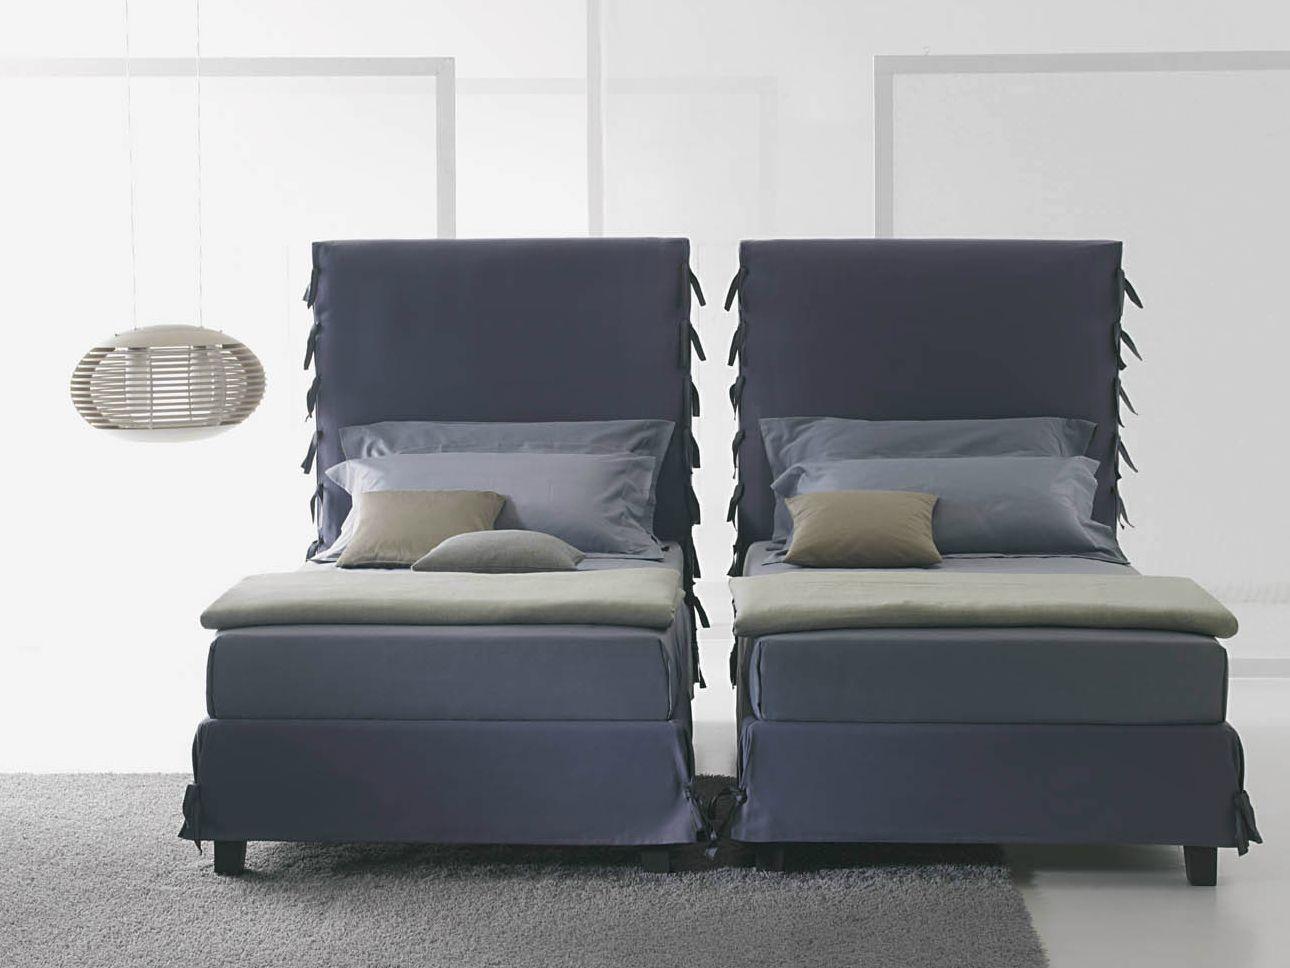 White letto con testiera alta by orizzonti italia - Testiera letto singolo ...